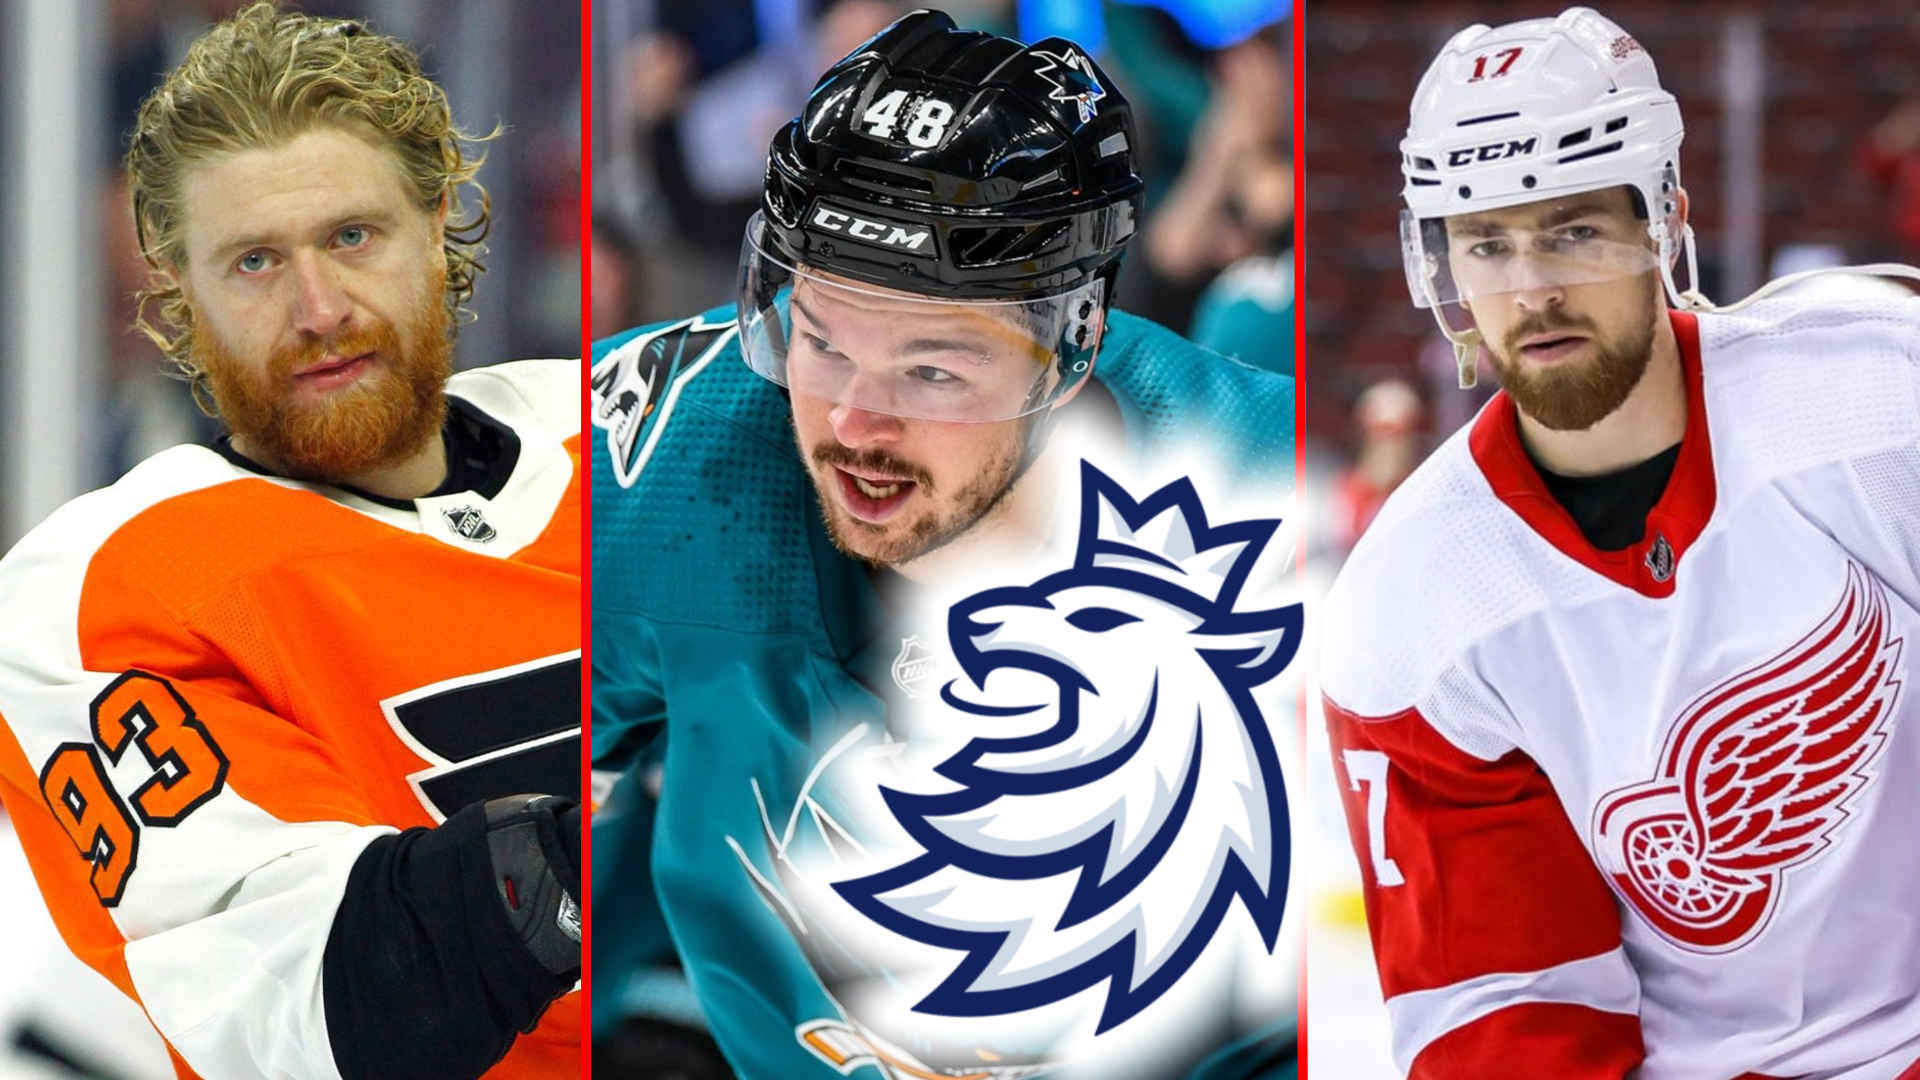 Armáda spásy! 8 hráčů z NHL, kteří by mohli přijet na MS!